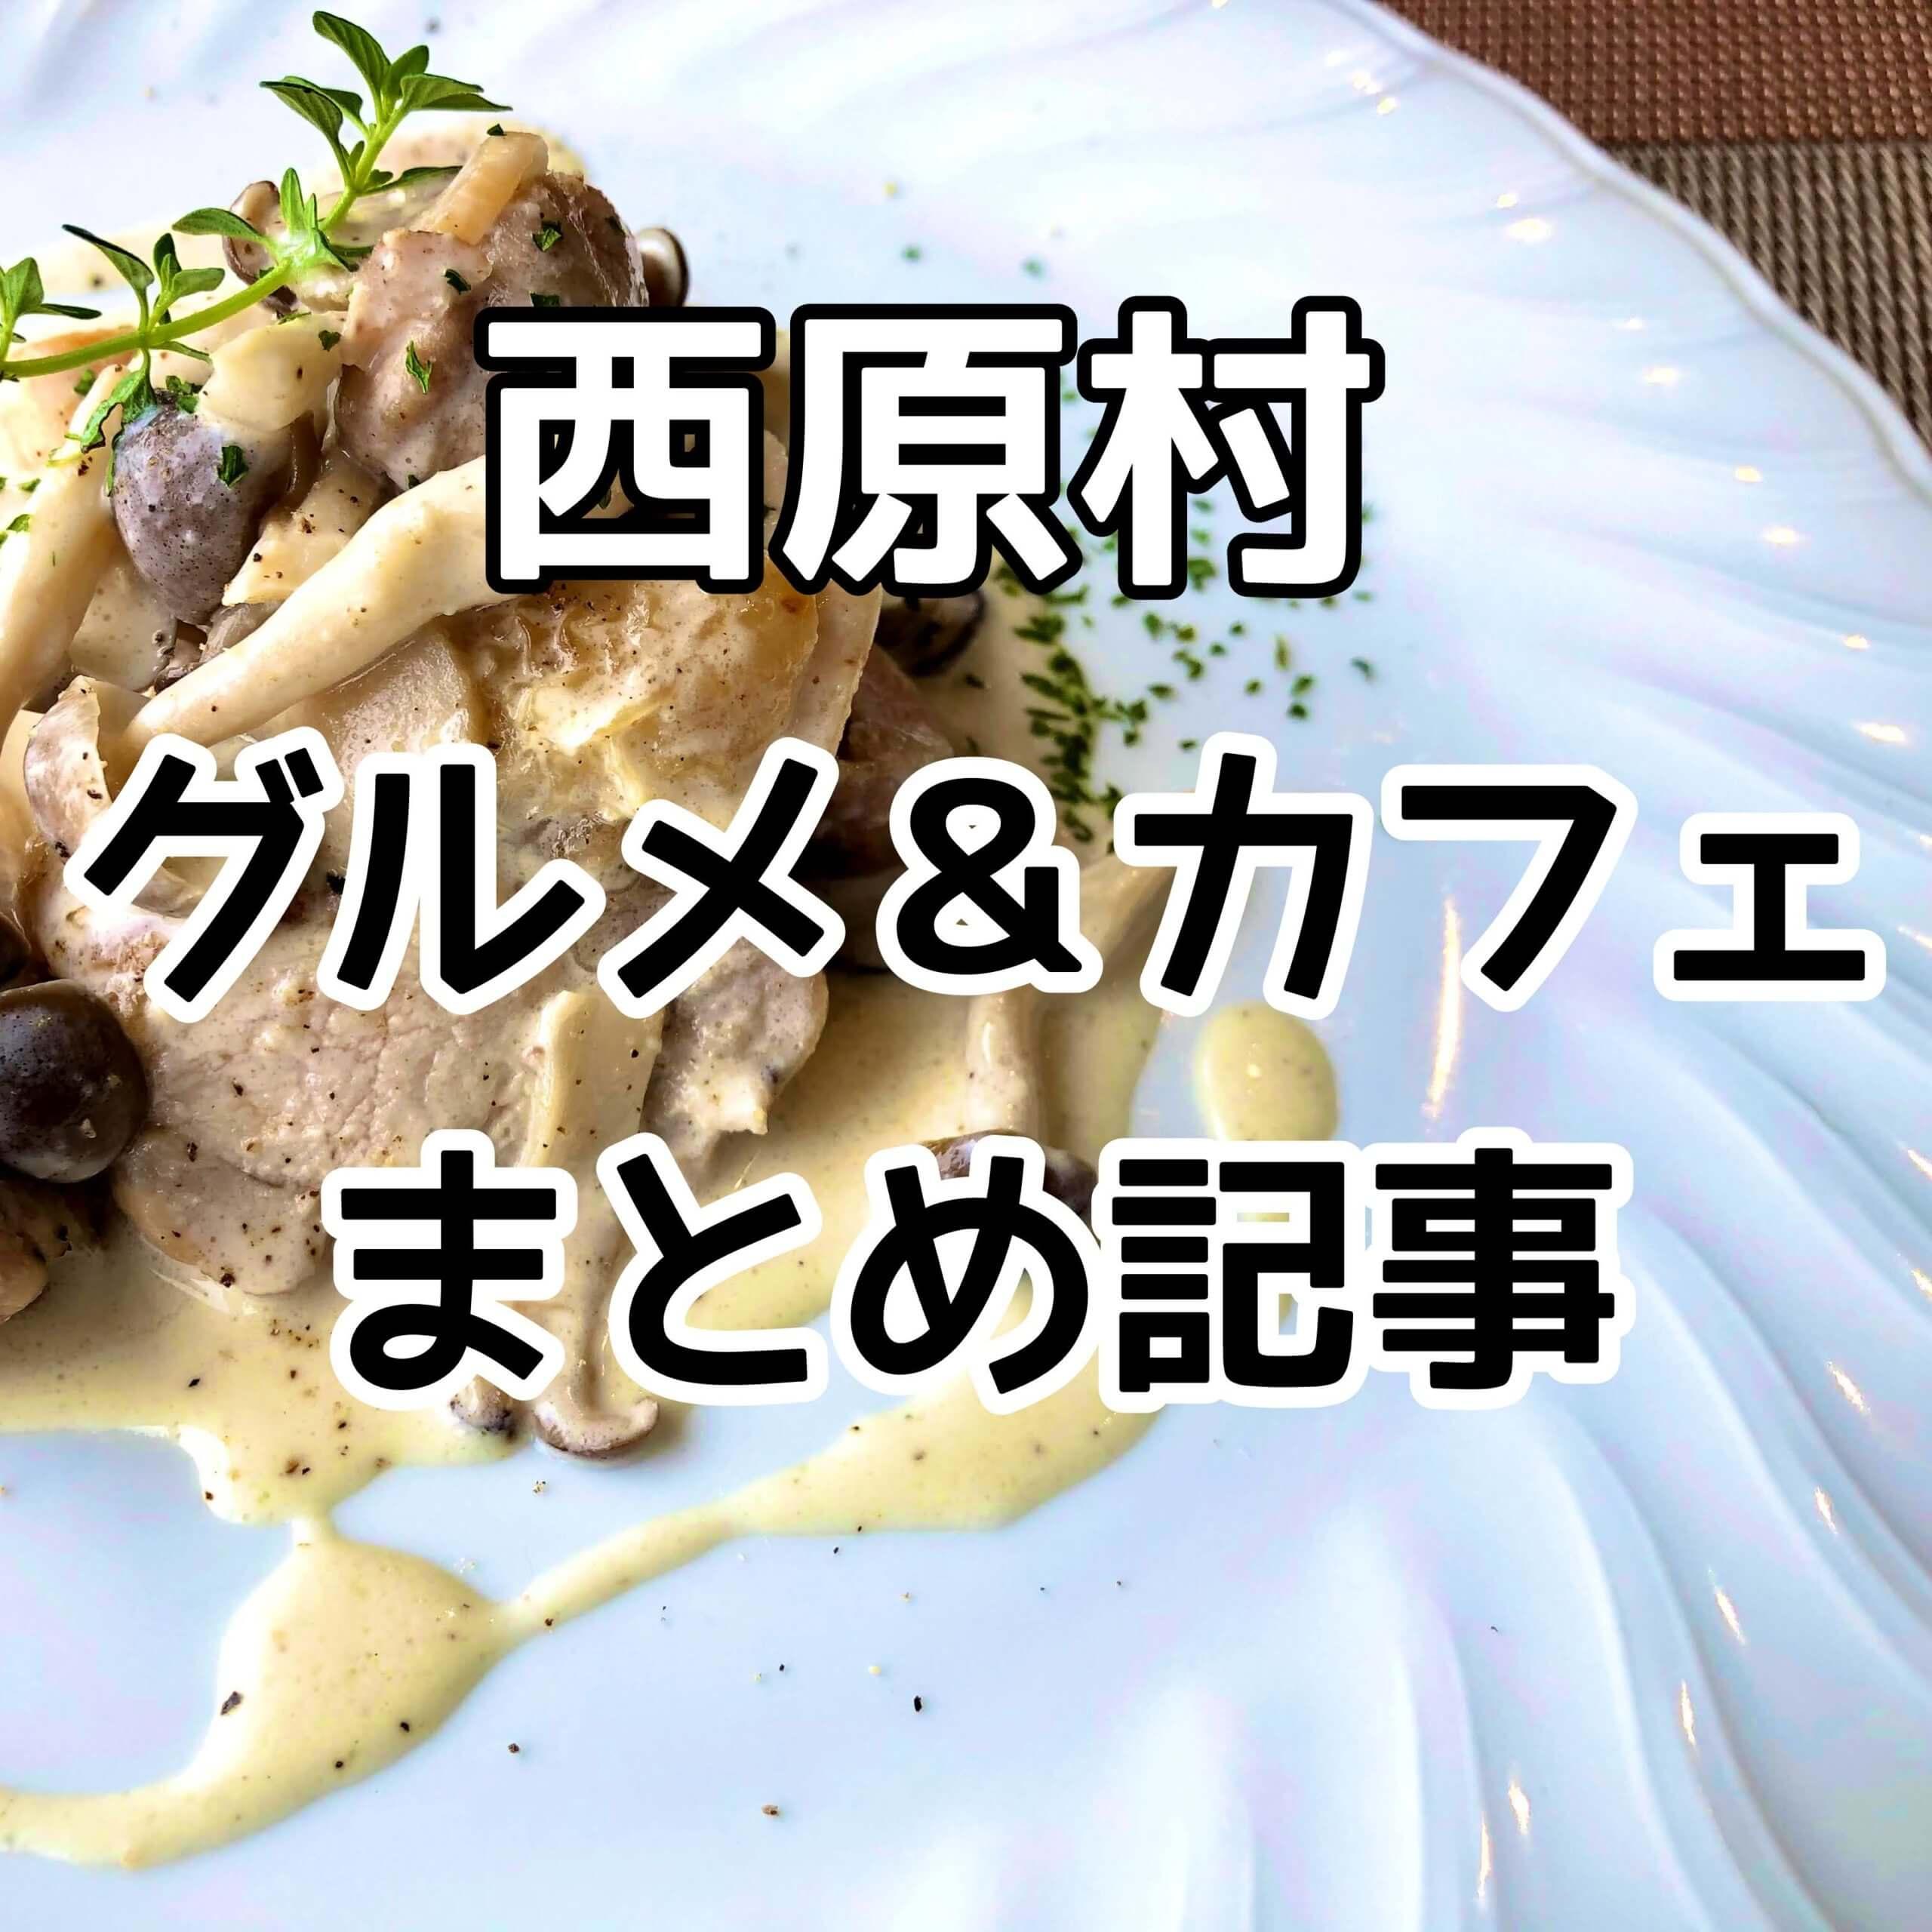 【7/2更新】阿蘇西原村のグルメ&カフェまとめ